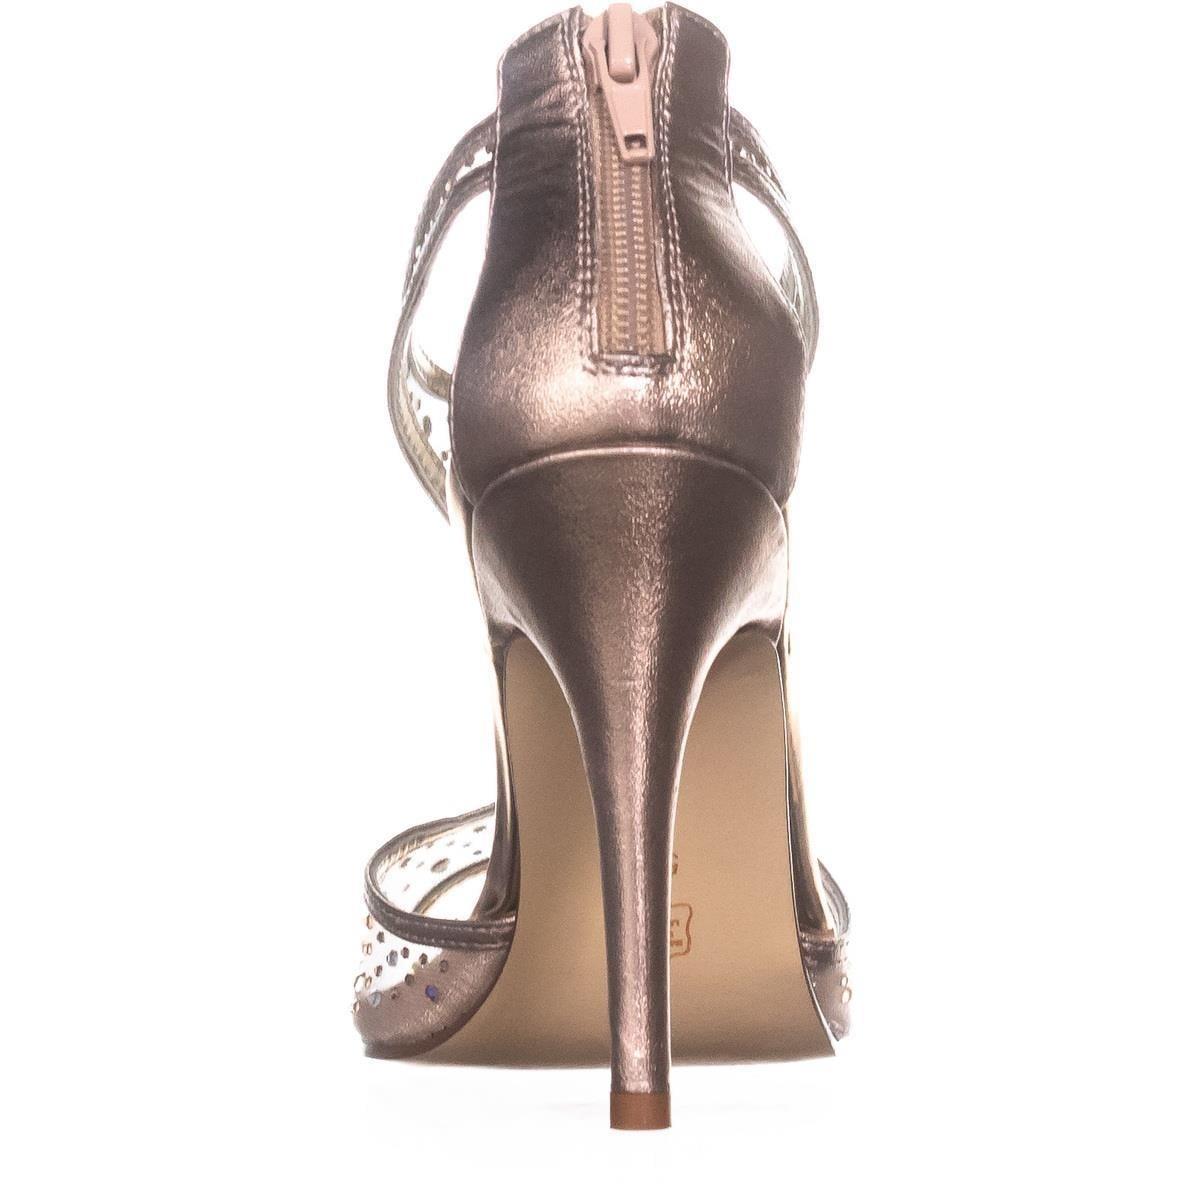 811f165f7 Shop Caparros Hope T-Strap Sandals